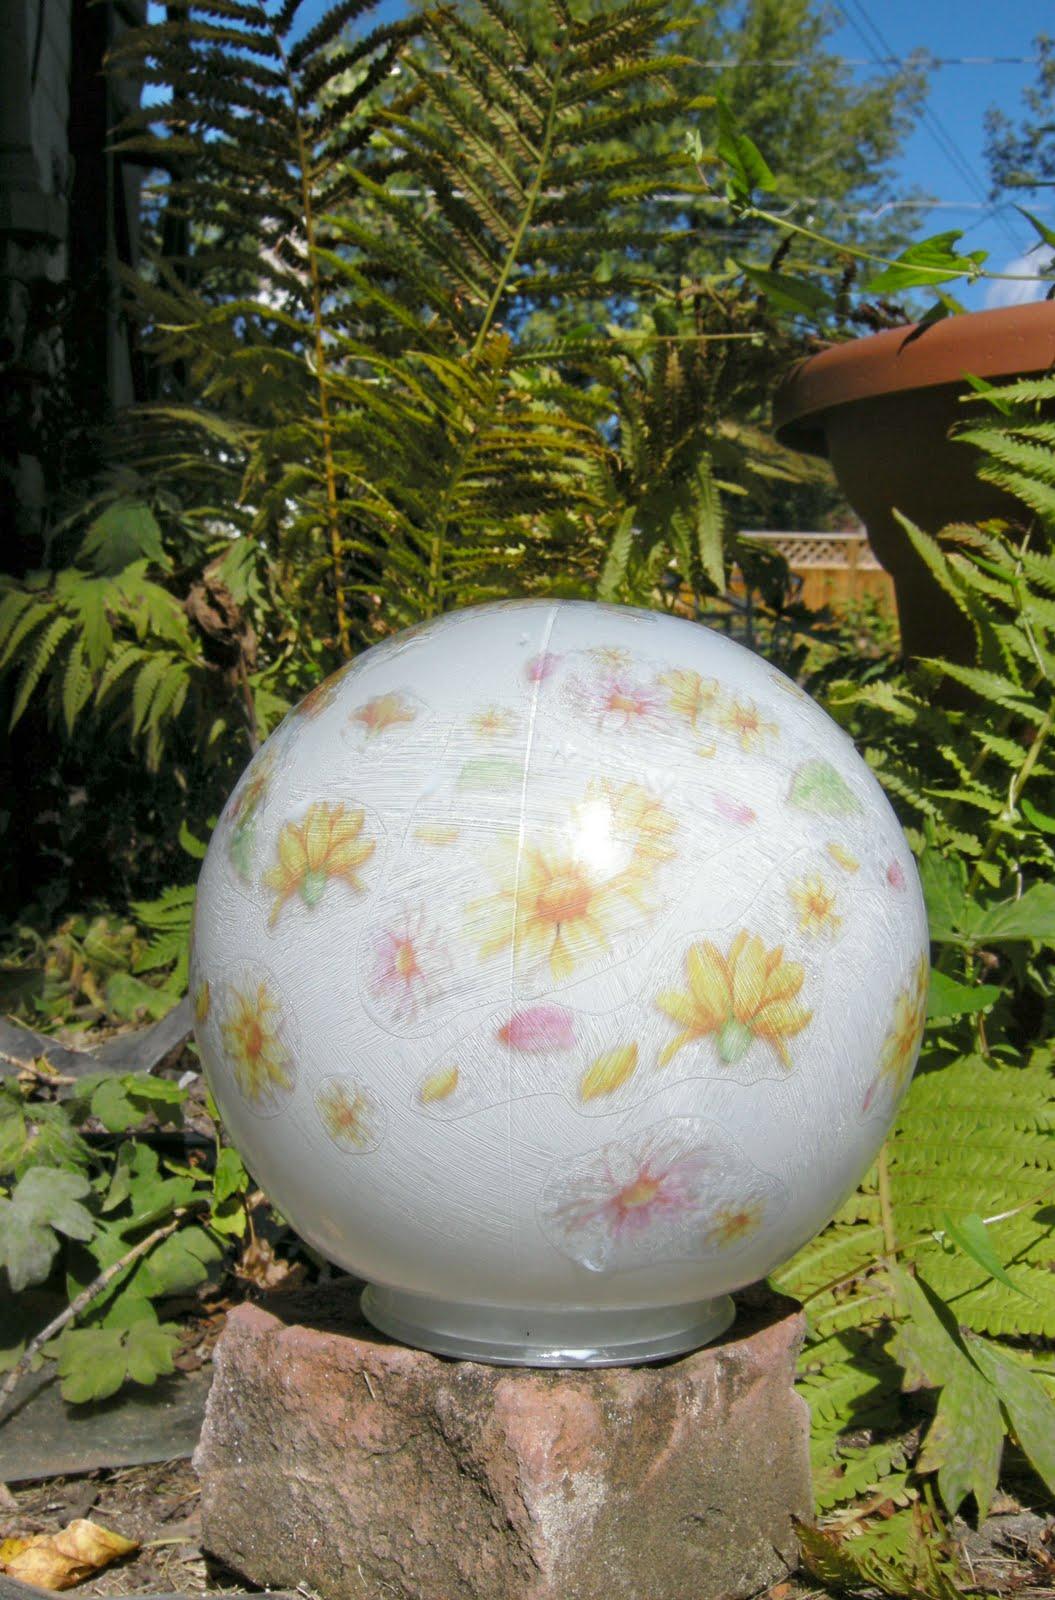 Etcetorize Garden Gazing Ball